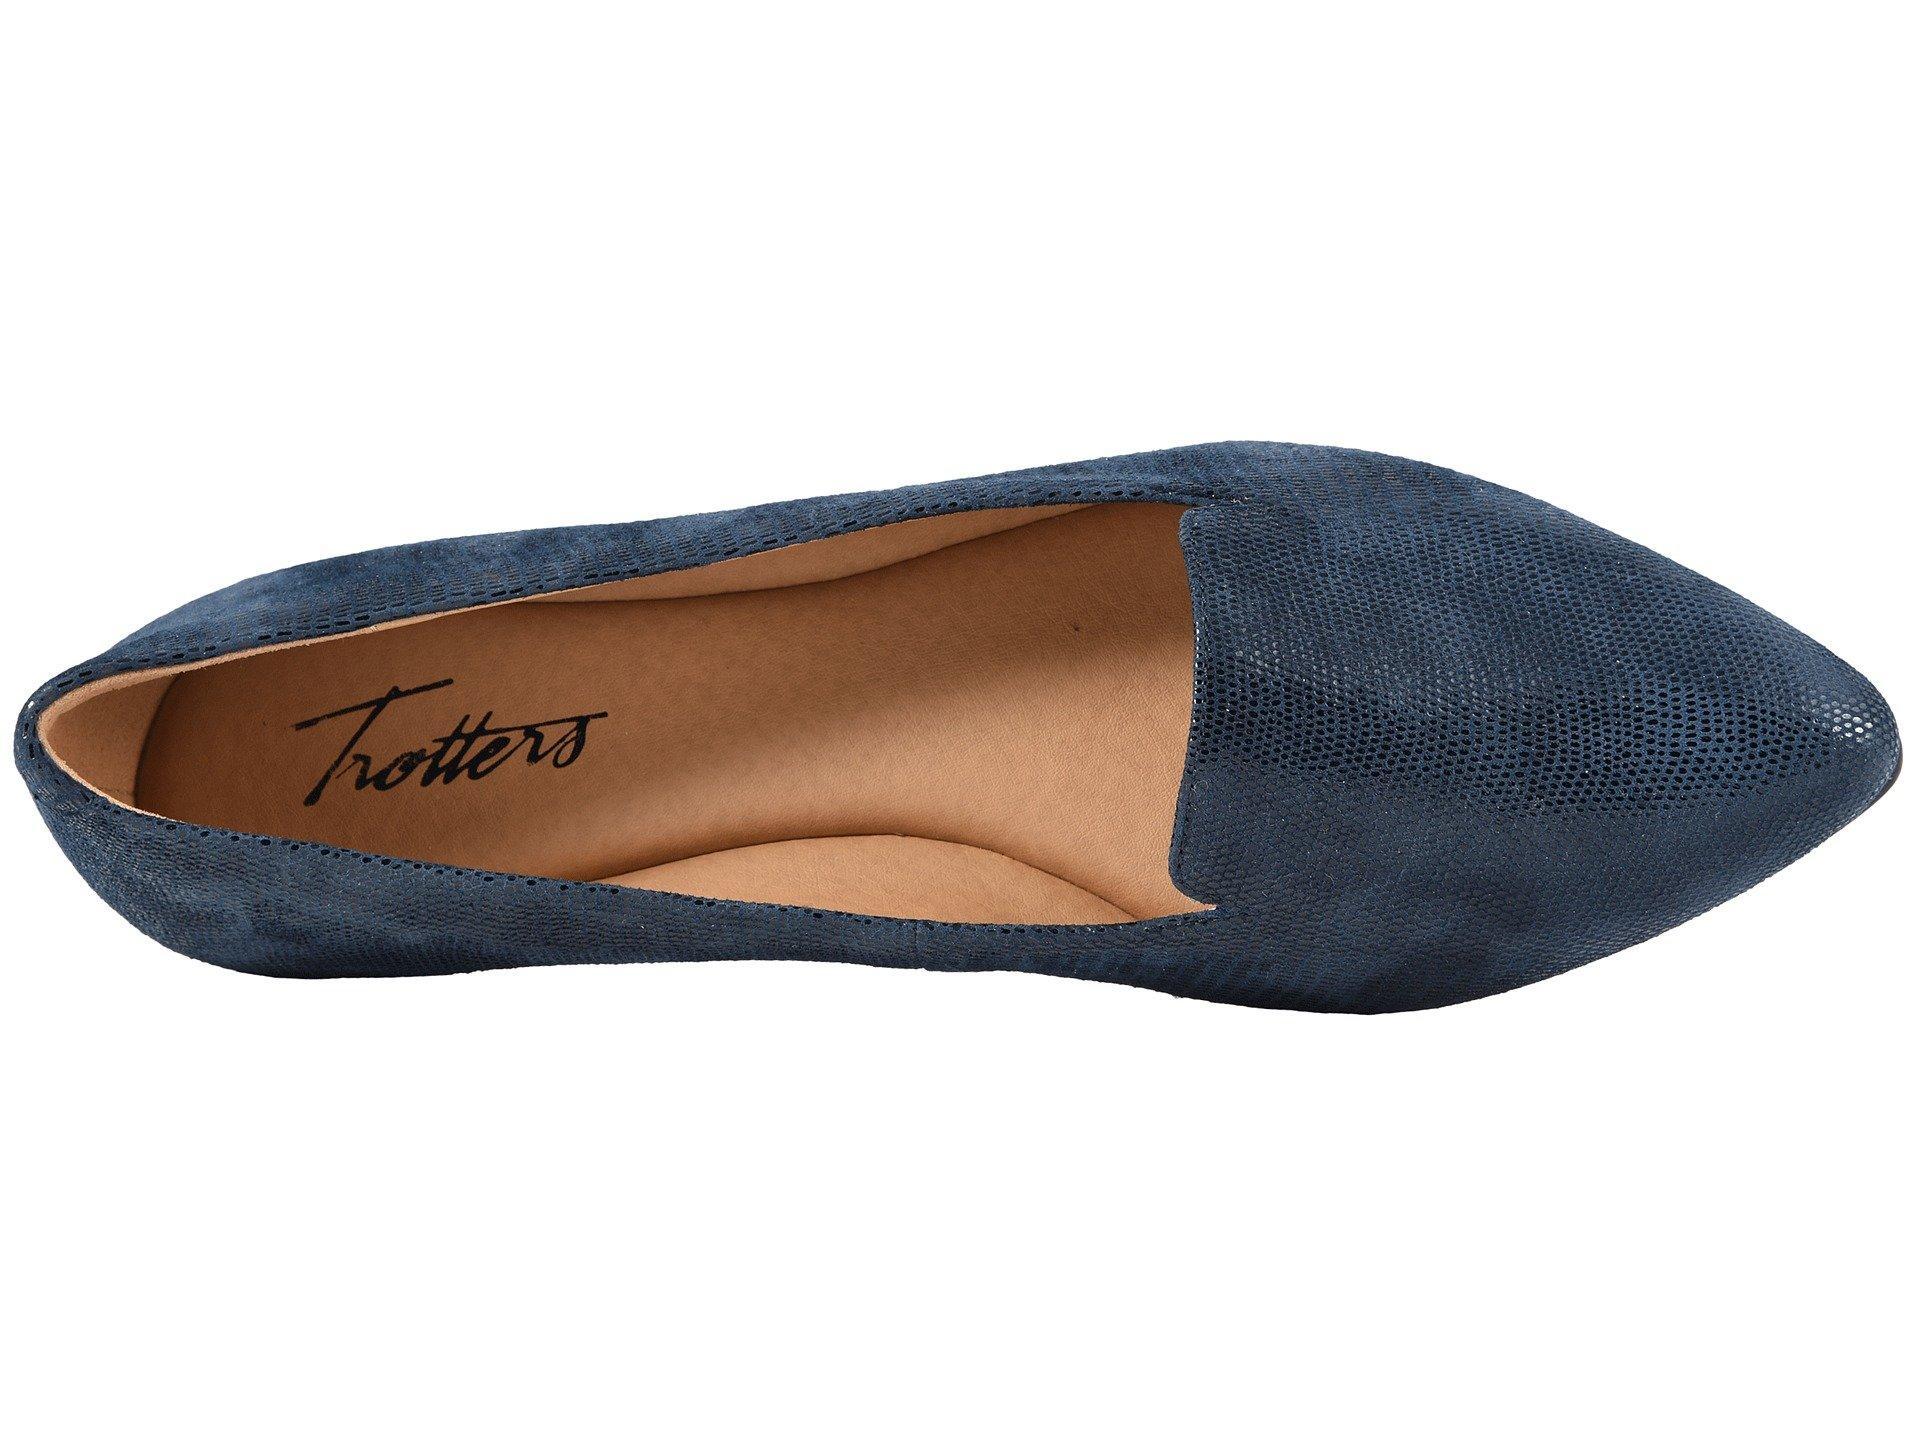 e2eddd5d81b Lyst - Trotters Harlowe (black 1) Women s Flat Shoes in Blue